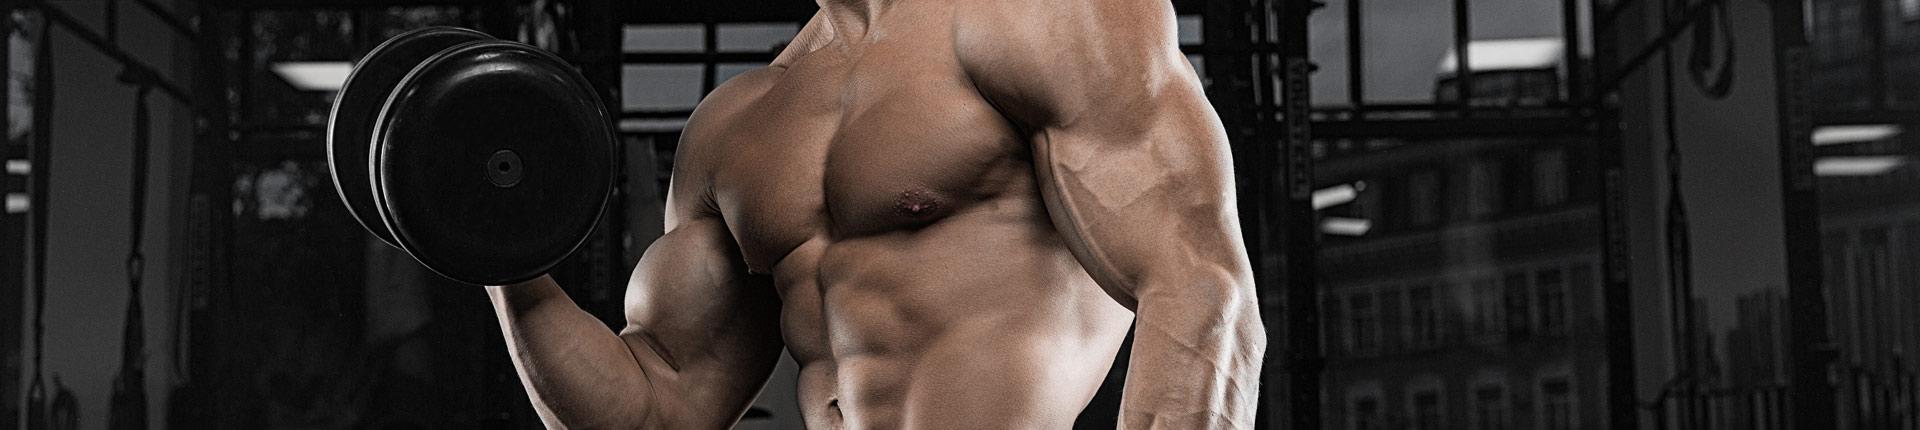 Jak zbudować mięśnie? 10 rzeczy które robisz źle!